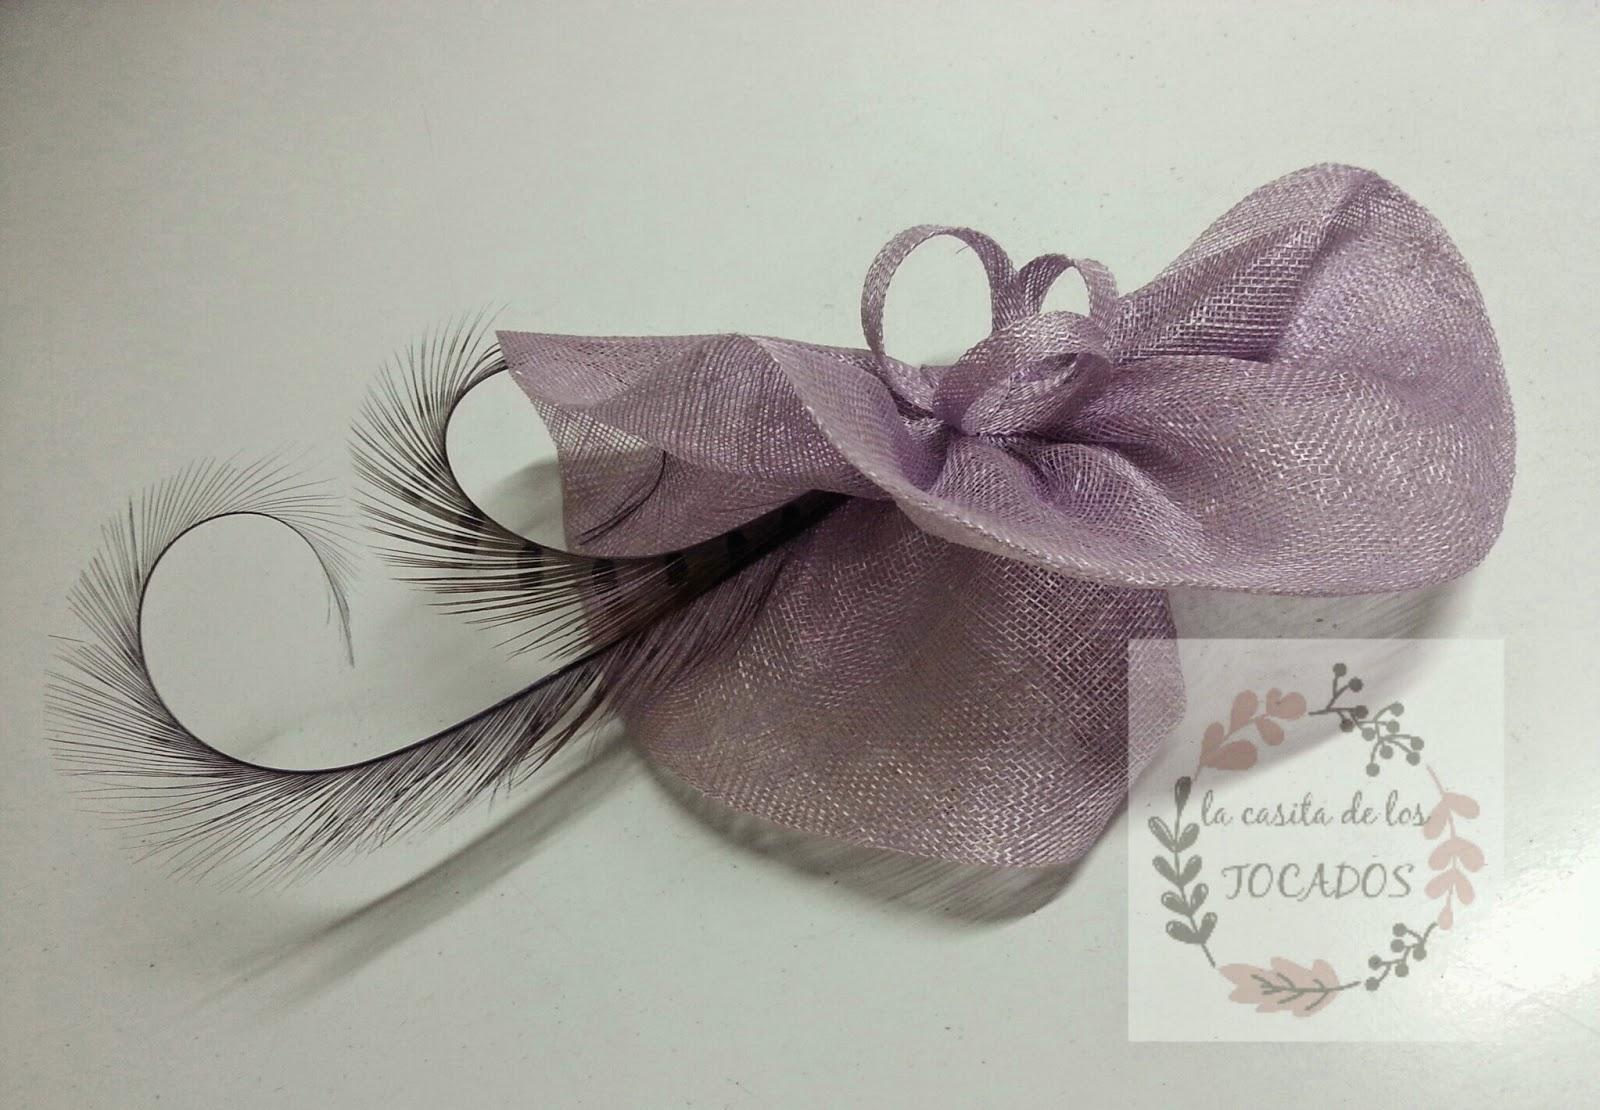 tocado artesanal para boda de mañana o de tarde, para invitada o para madrina, elegante y original con plumas de faisán en color malva empolvado